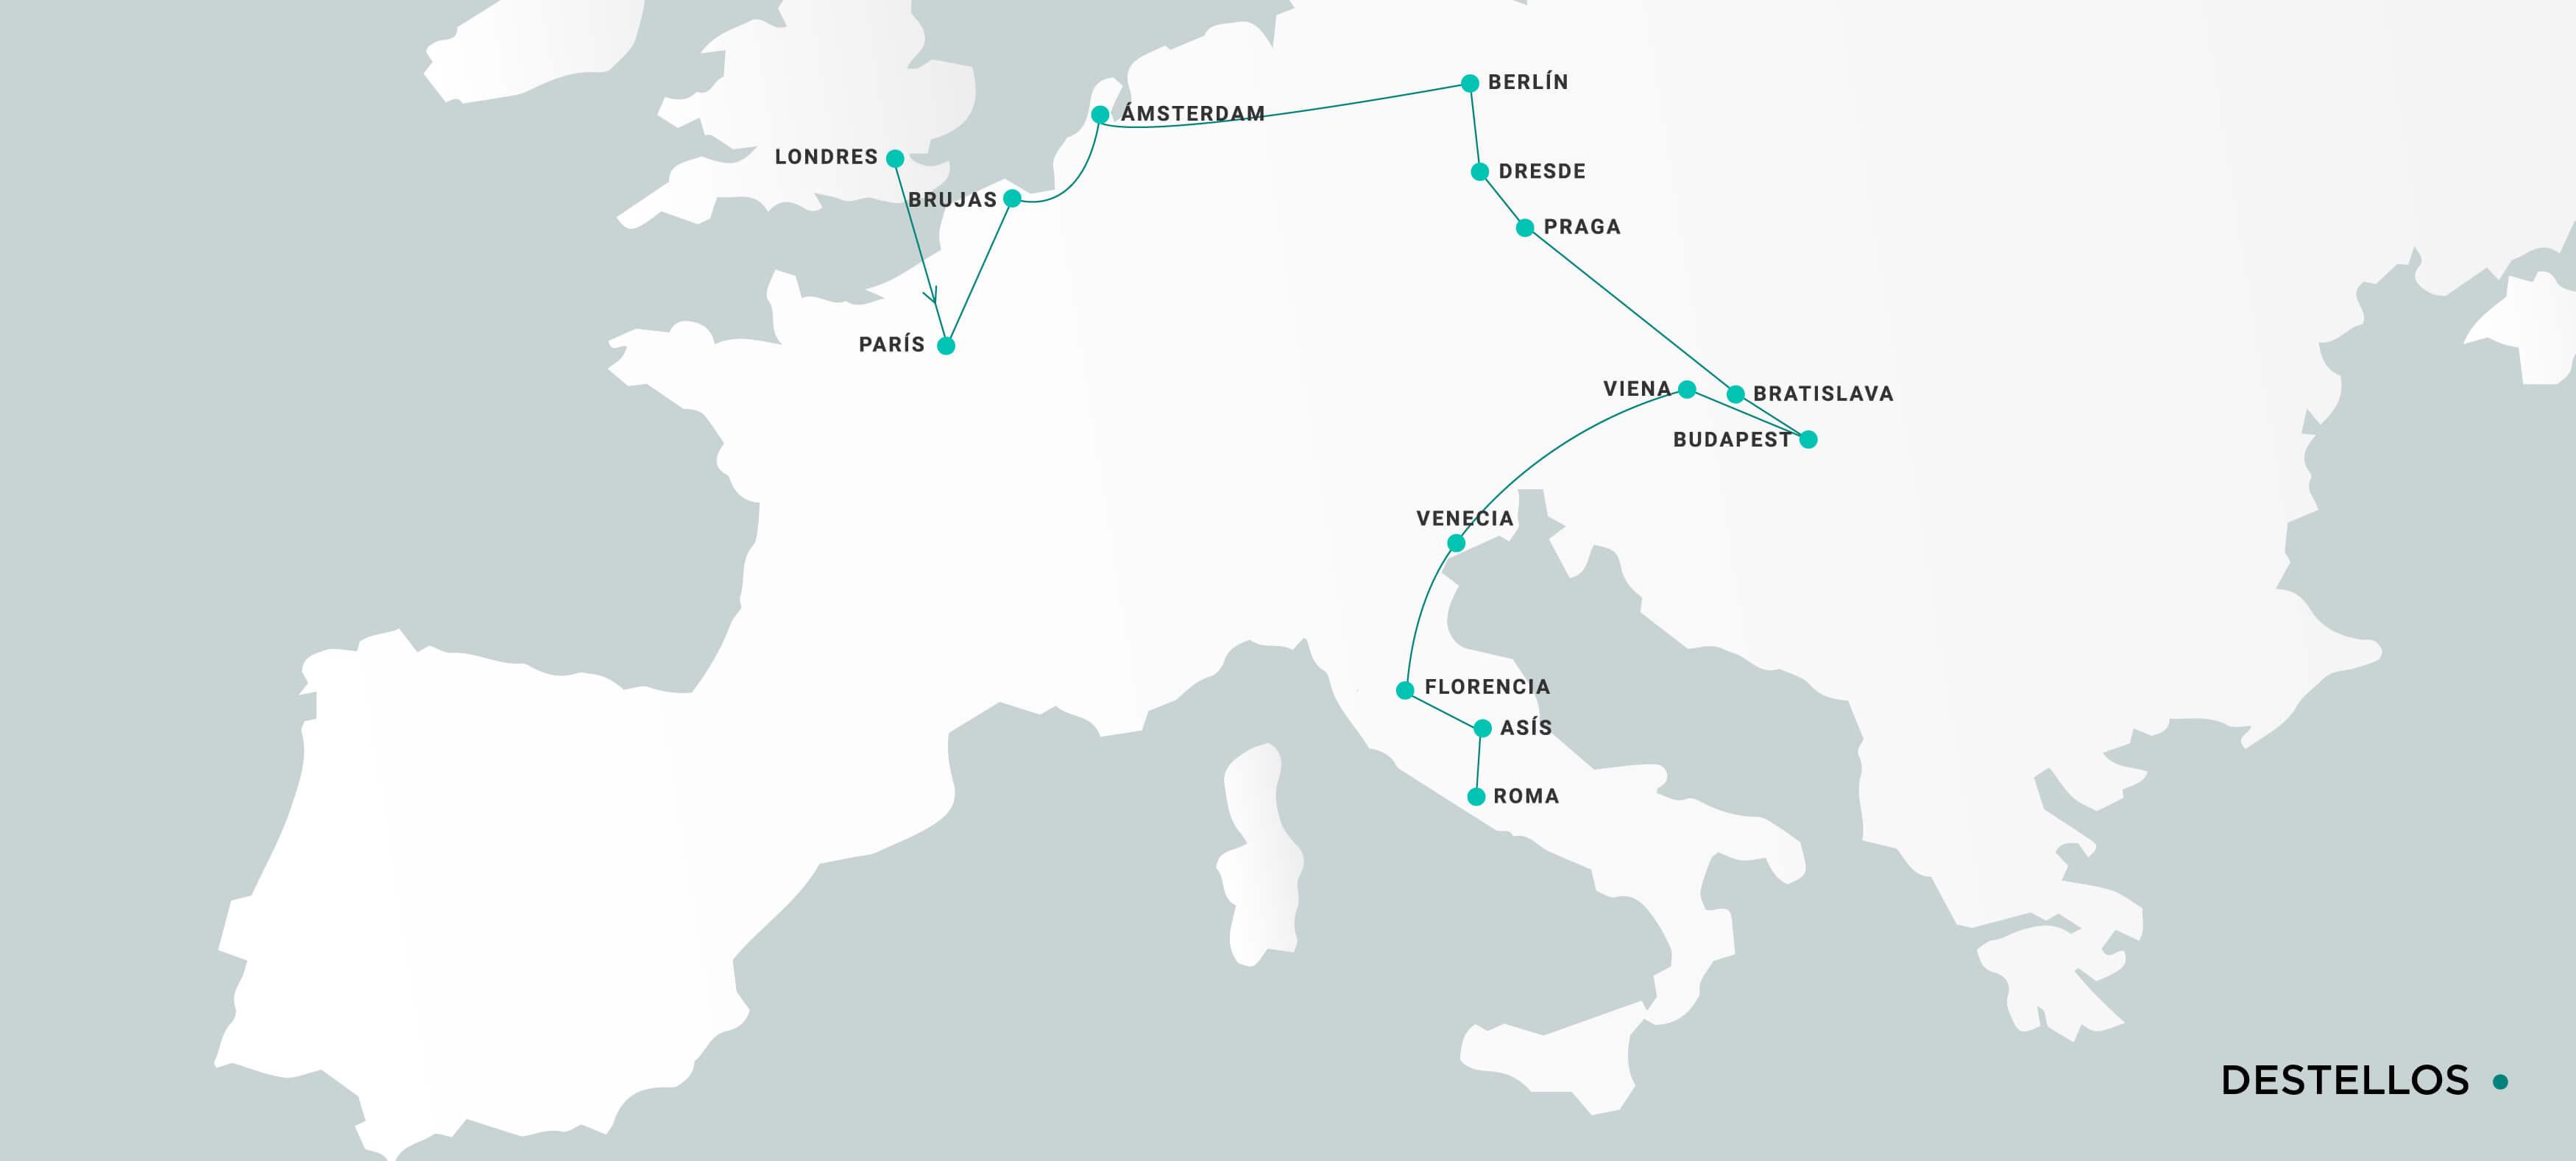 Mapa Destellos